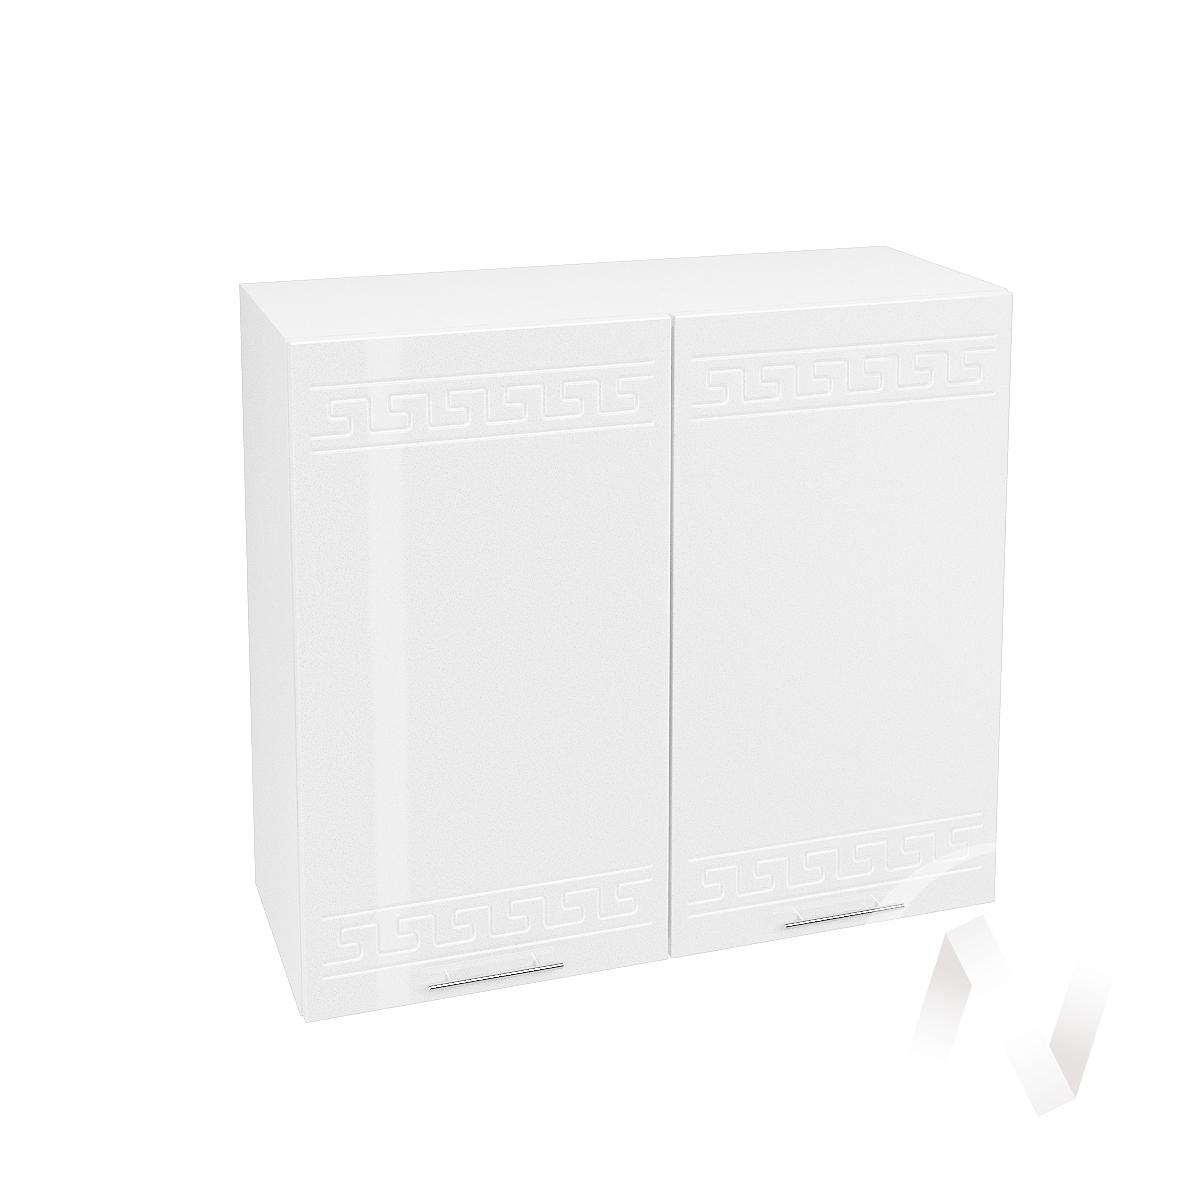 """Кухня """"Греция"""": Шкаф верхний 800, ШВ 800 новый (белый металлик/корпус белый)"""